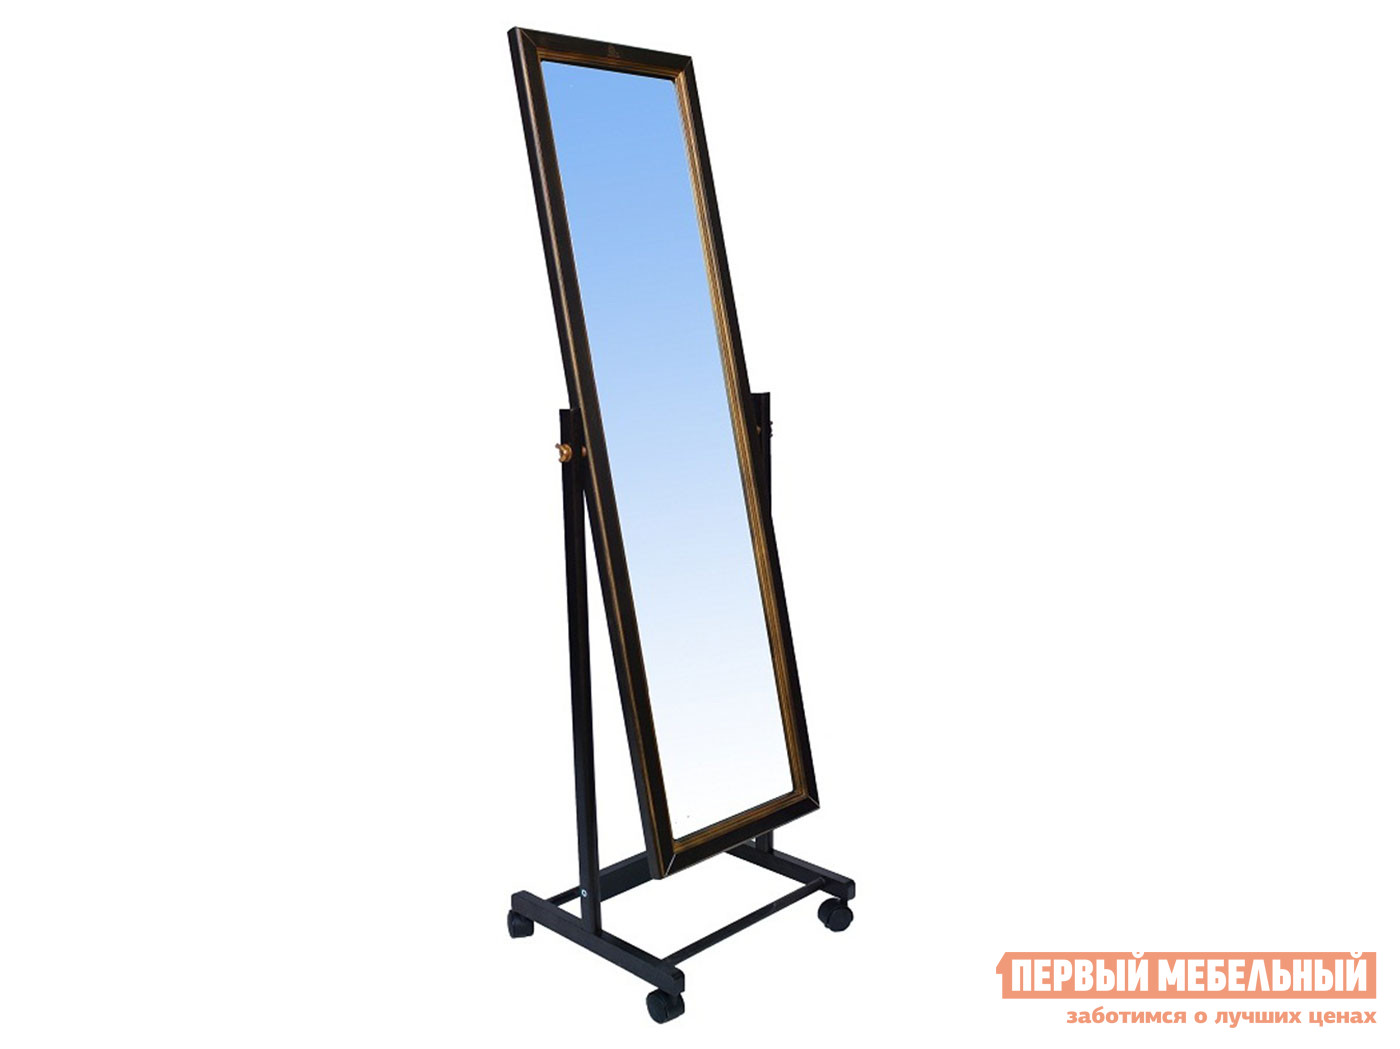 Напольное зеркало Мебелик В 27Н